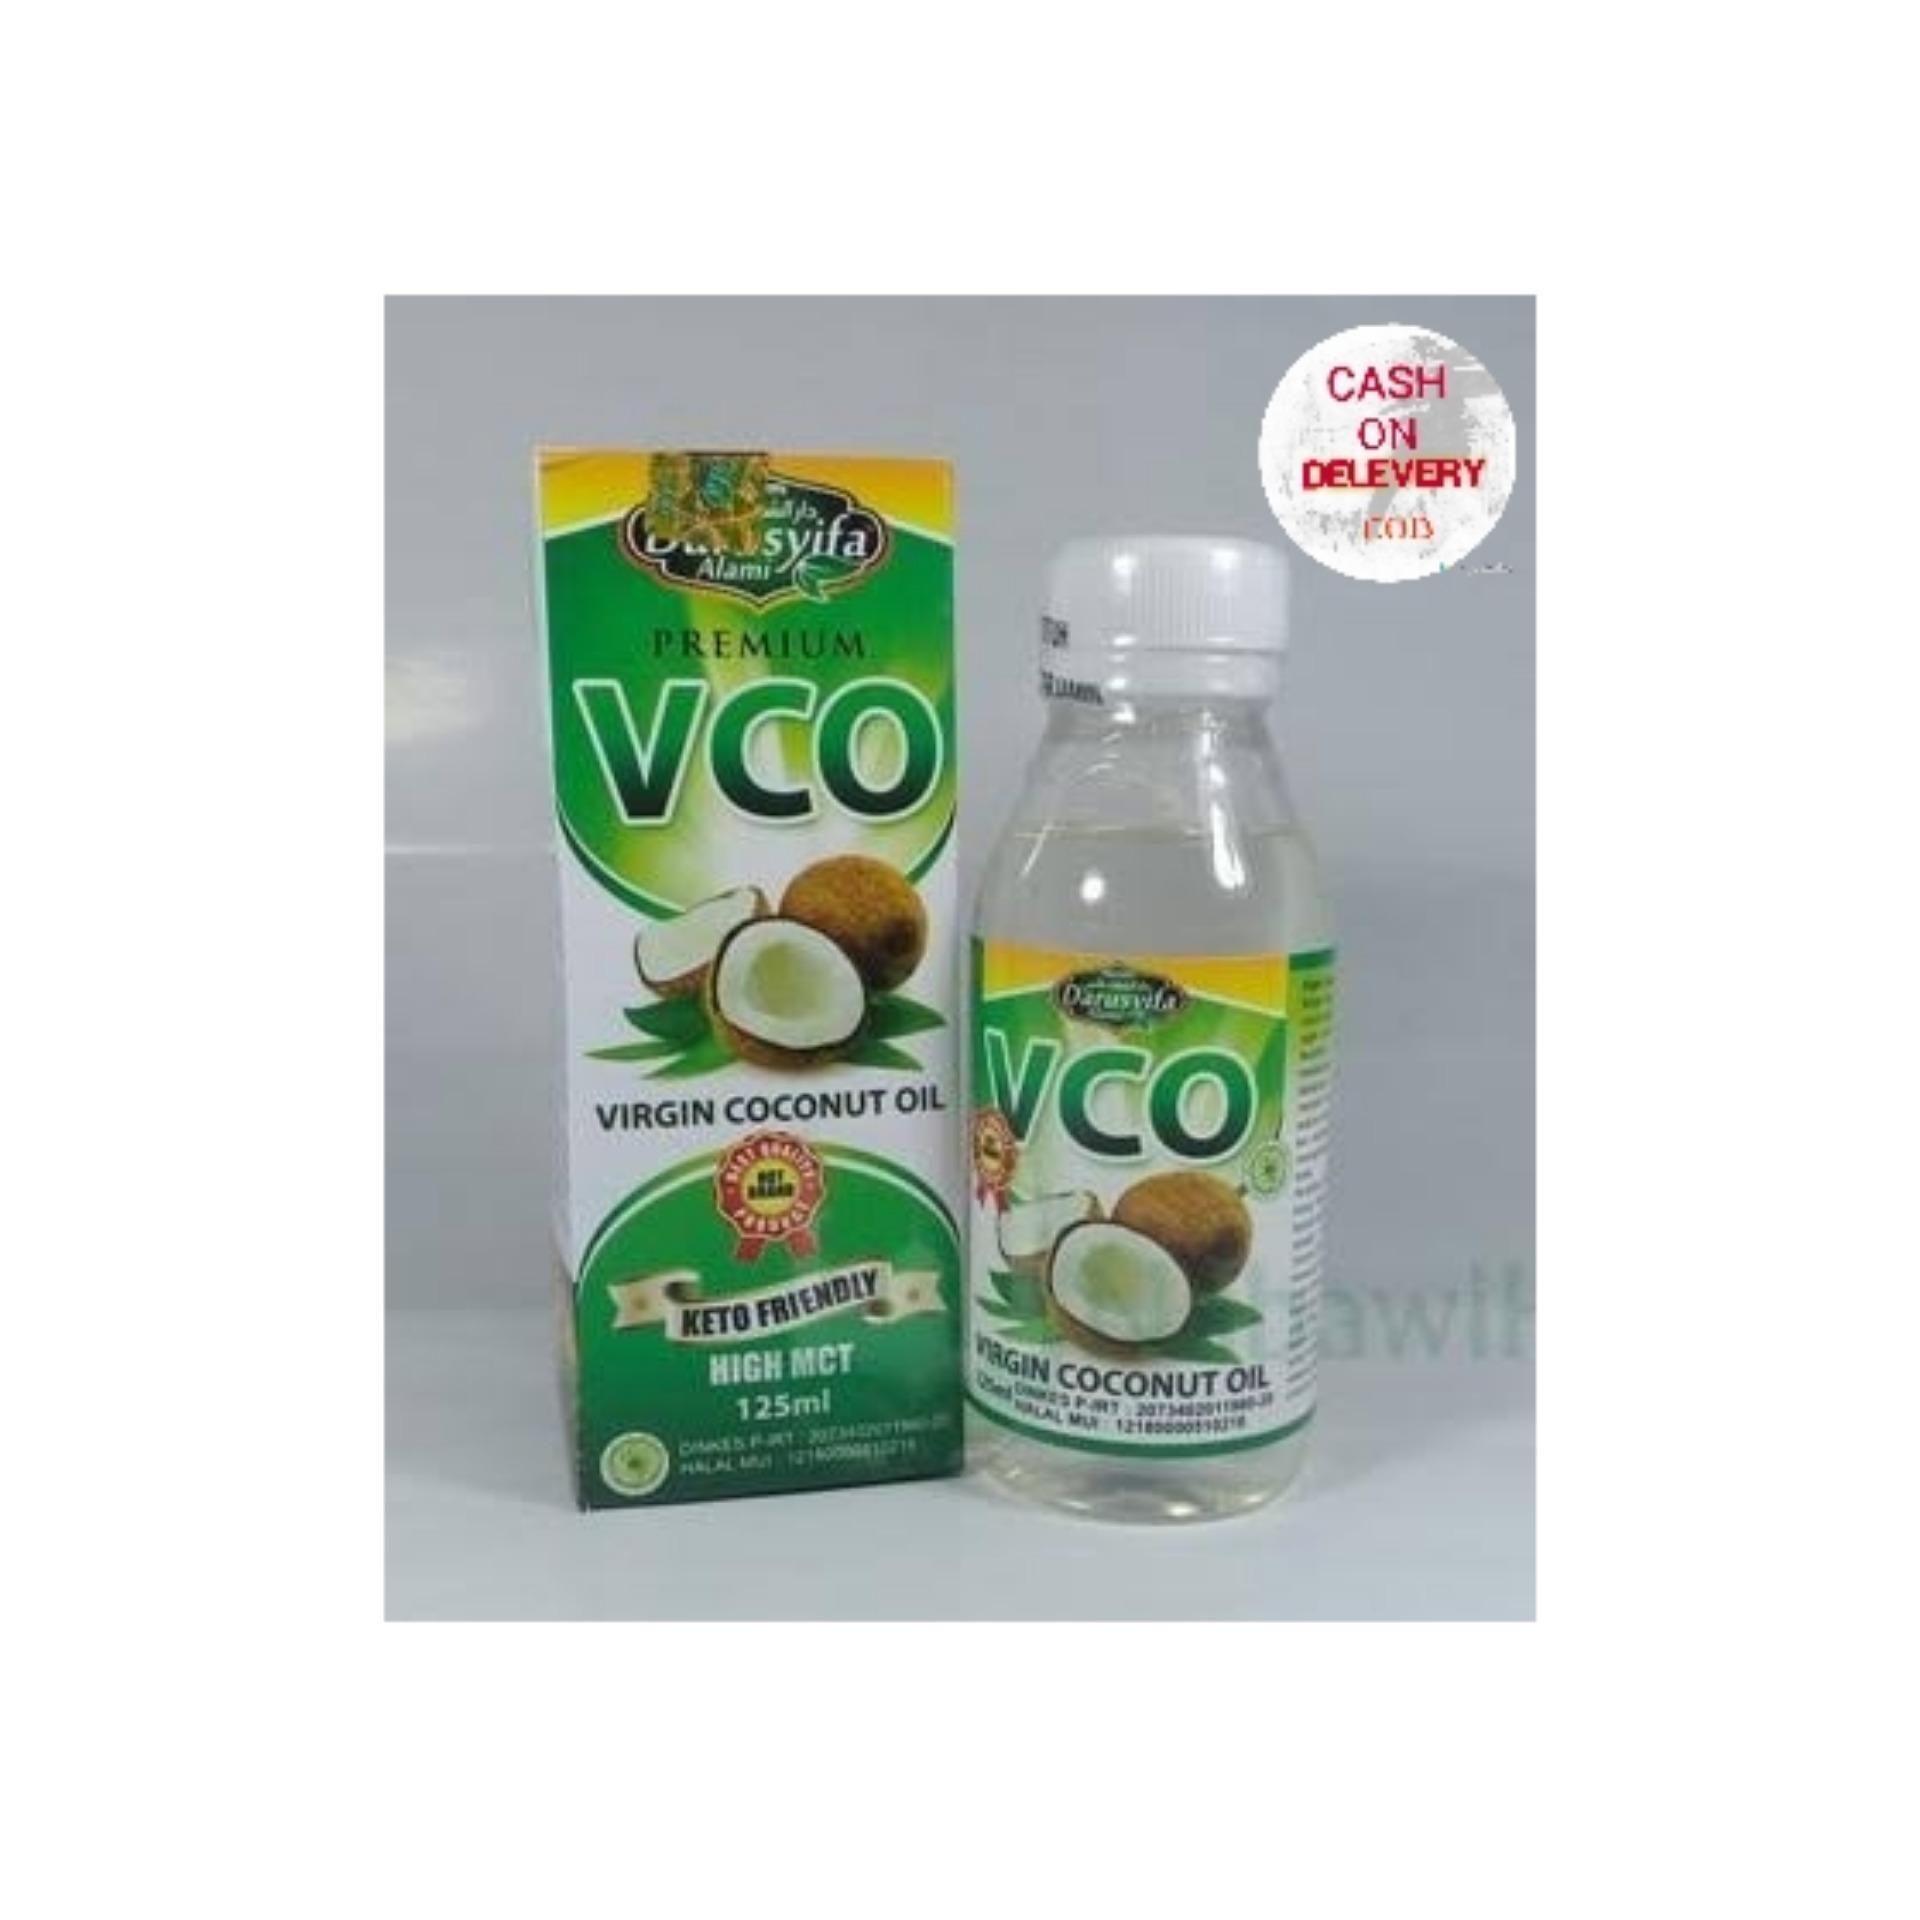 Minyak VCO Darusyifa - Virgin Coconut Oil - Herbal Diabetes Melitus